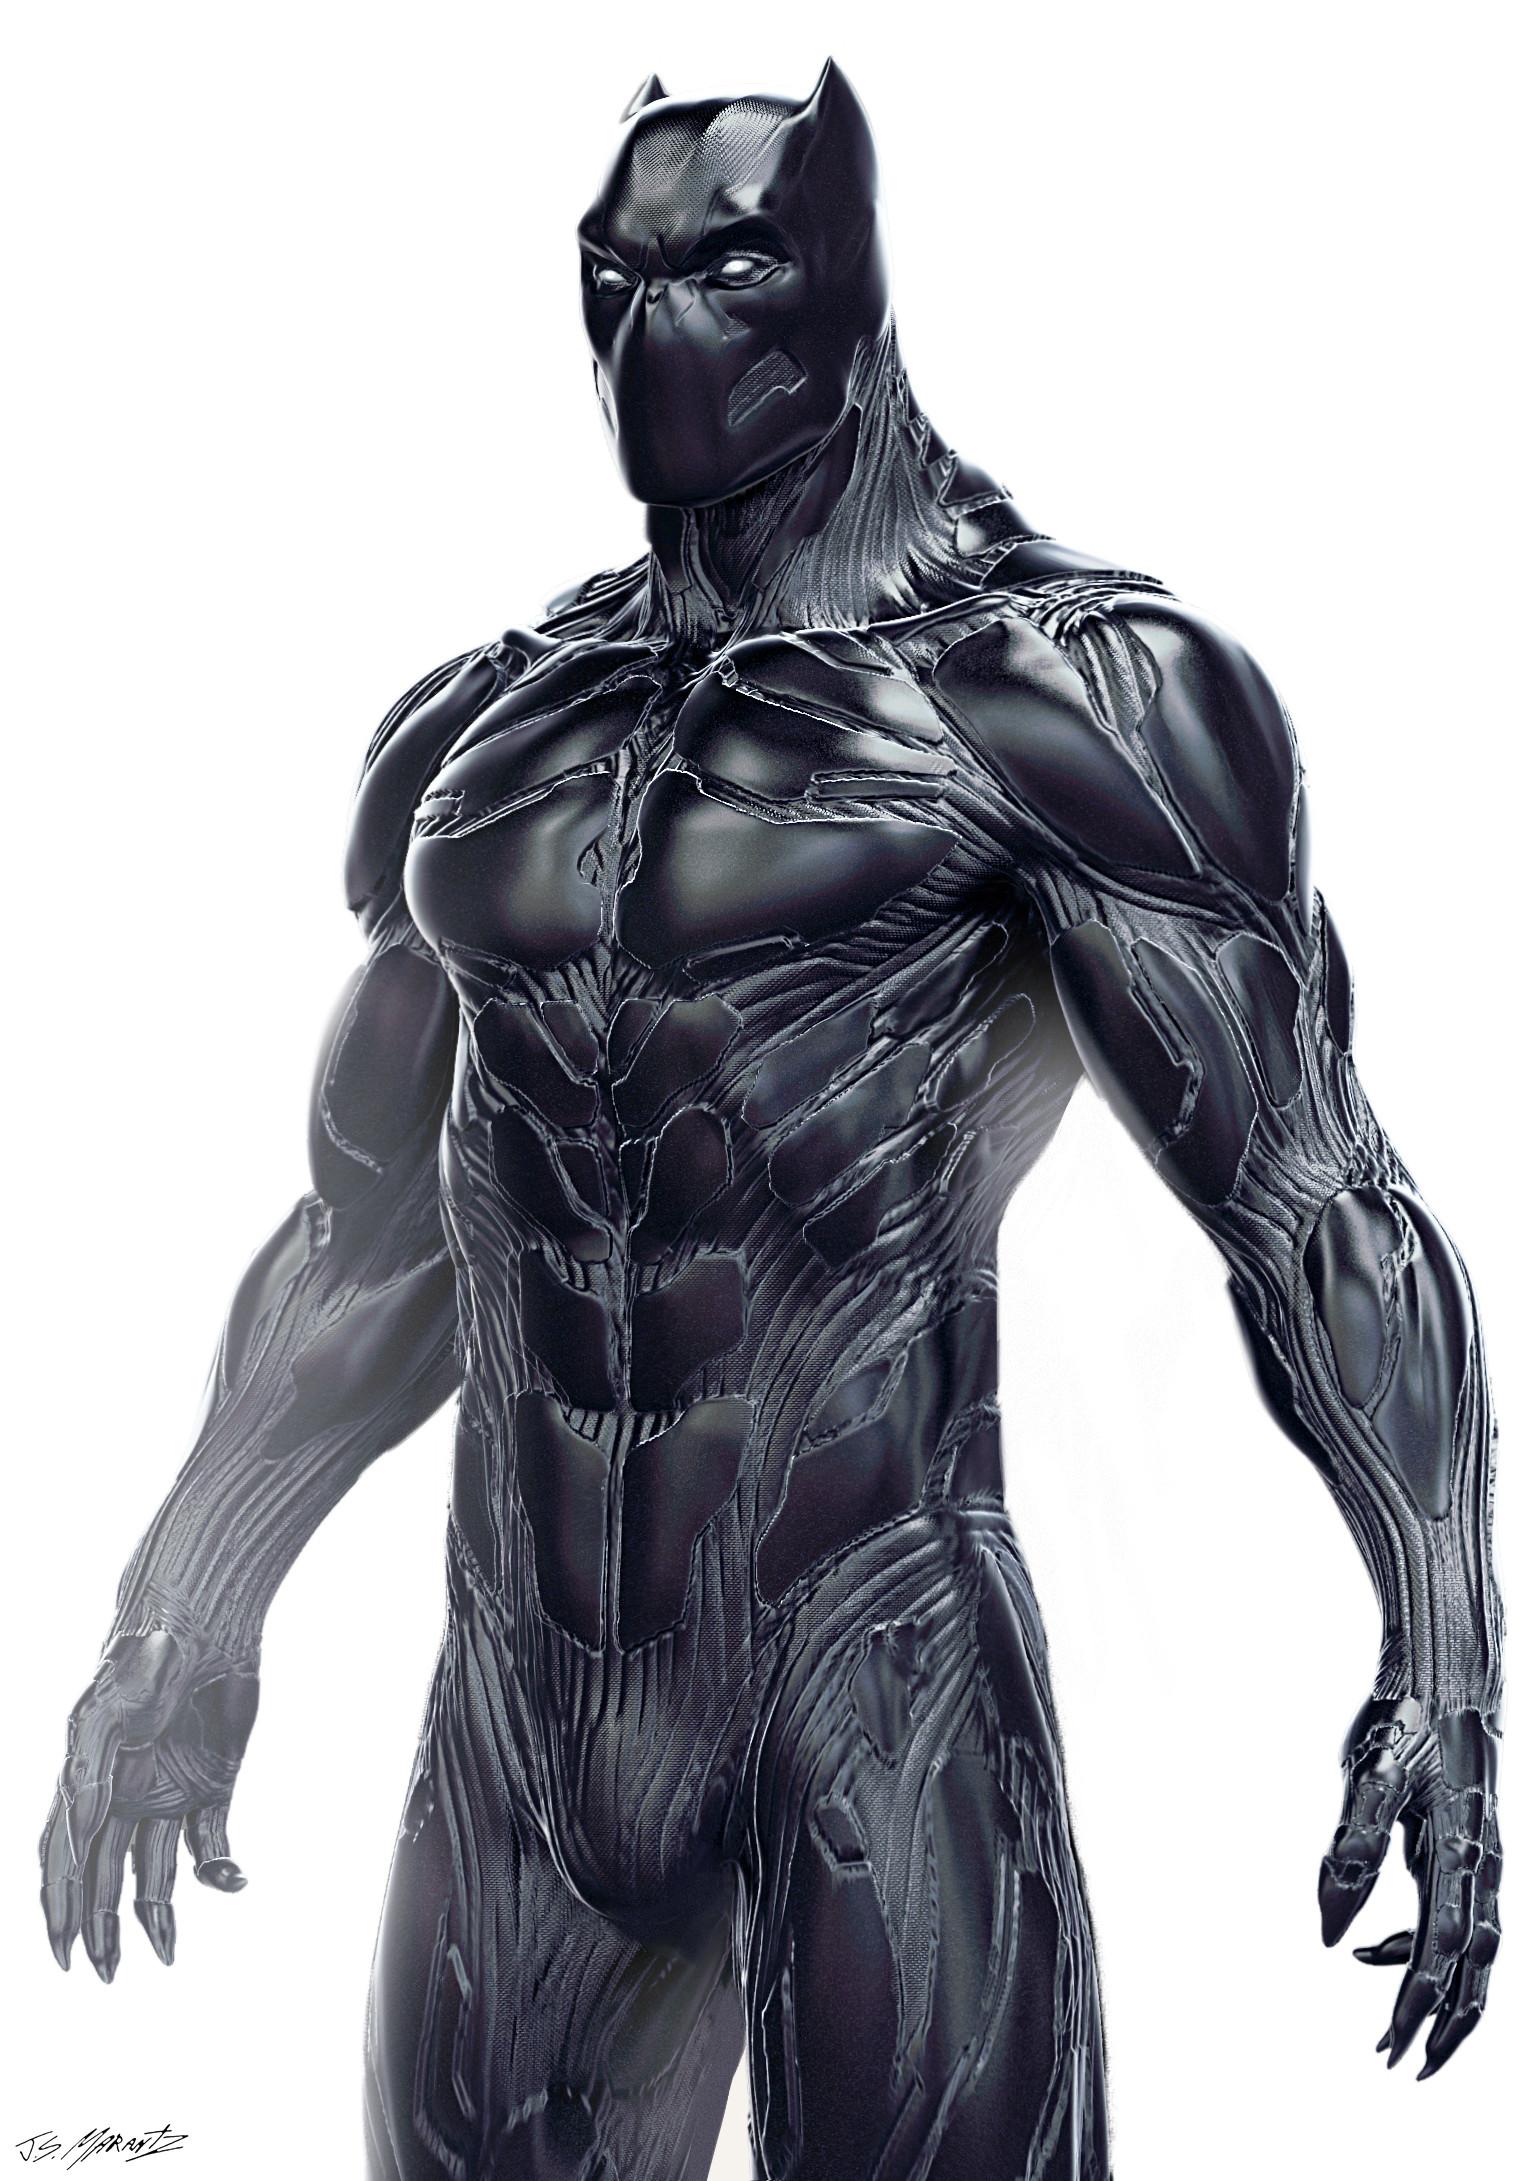 Image - Black Panther Concept Art 2.jpg | Marvel Cinematic ...